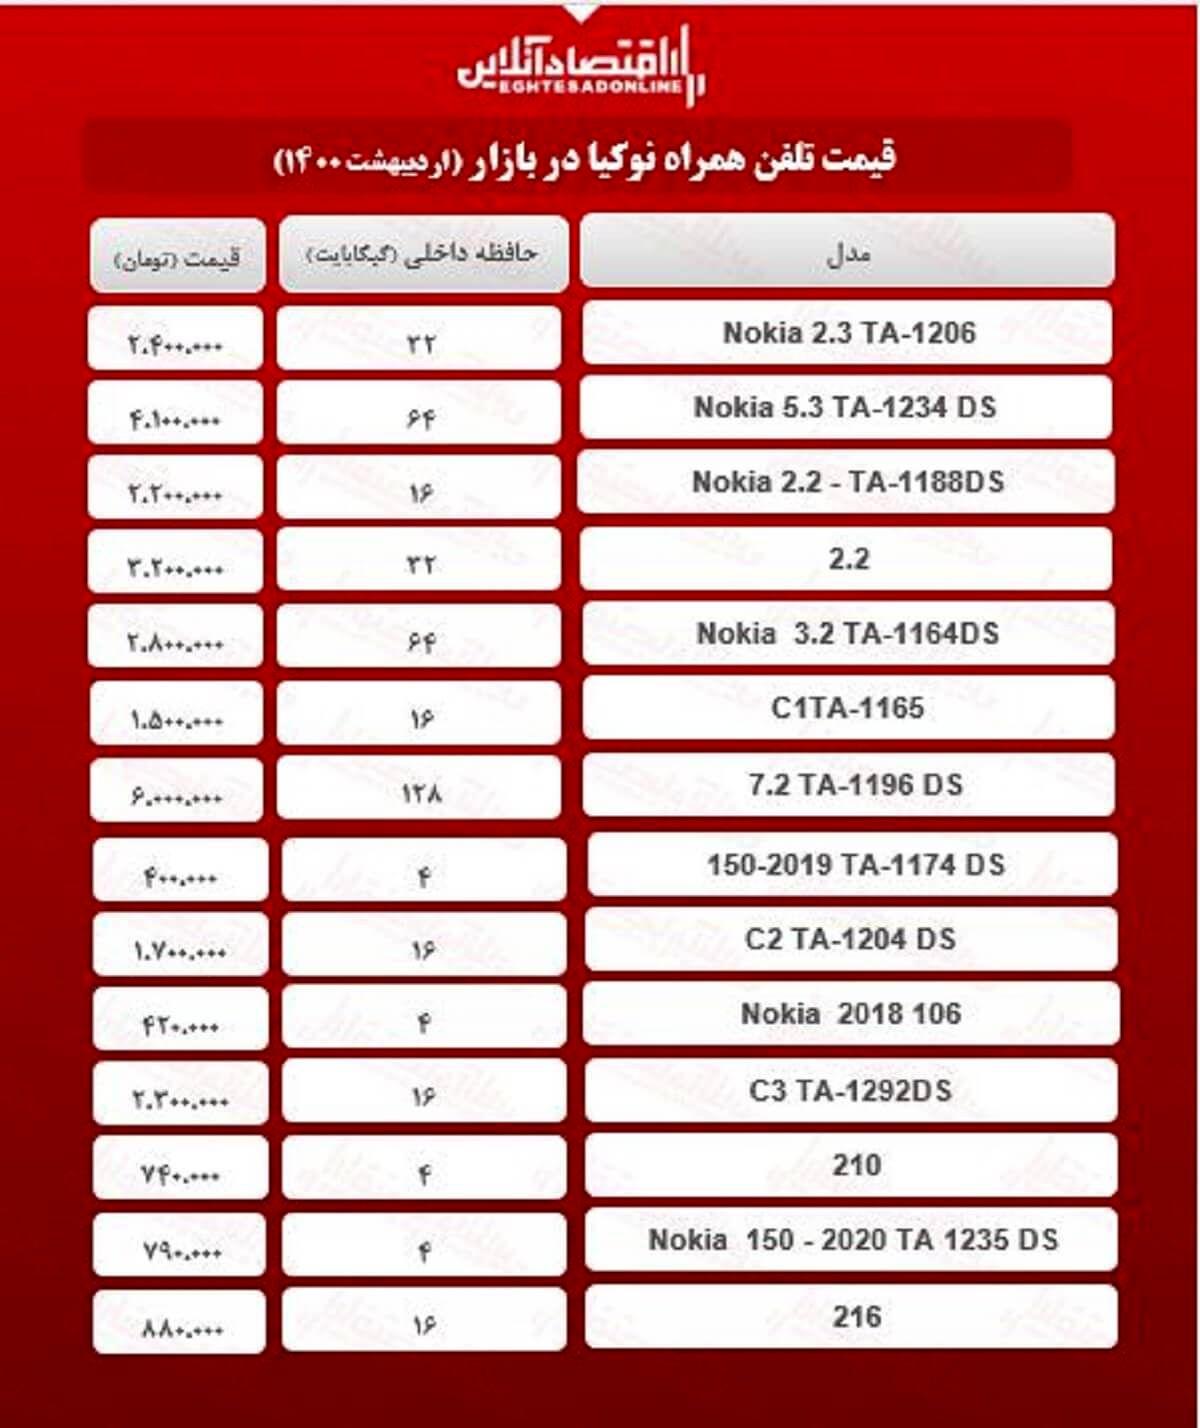 قیمت گوشی نوکیا در بازار / ۹اردیبهشت